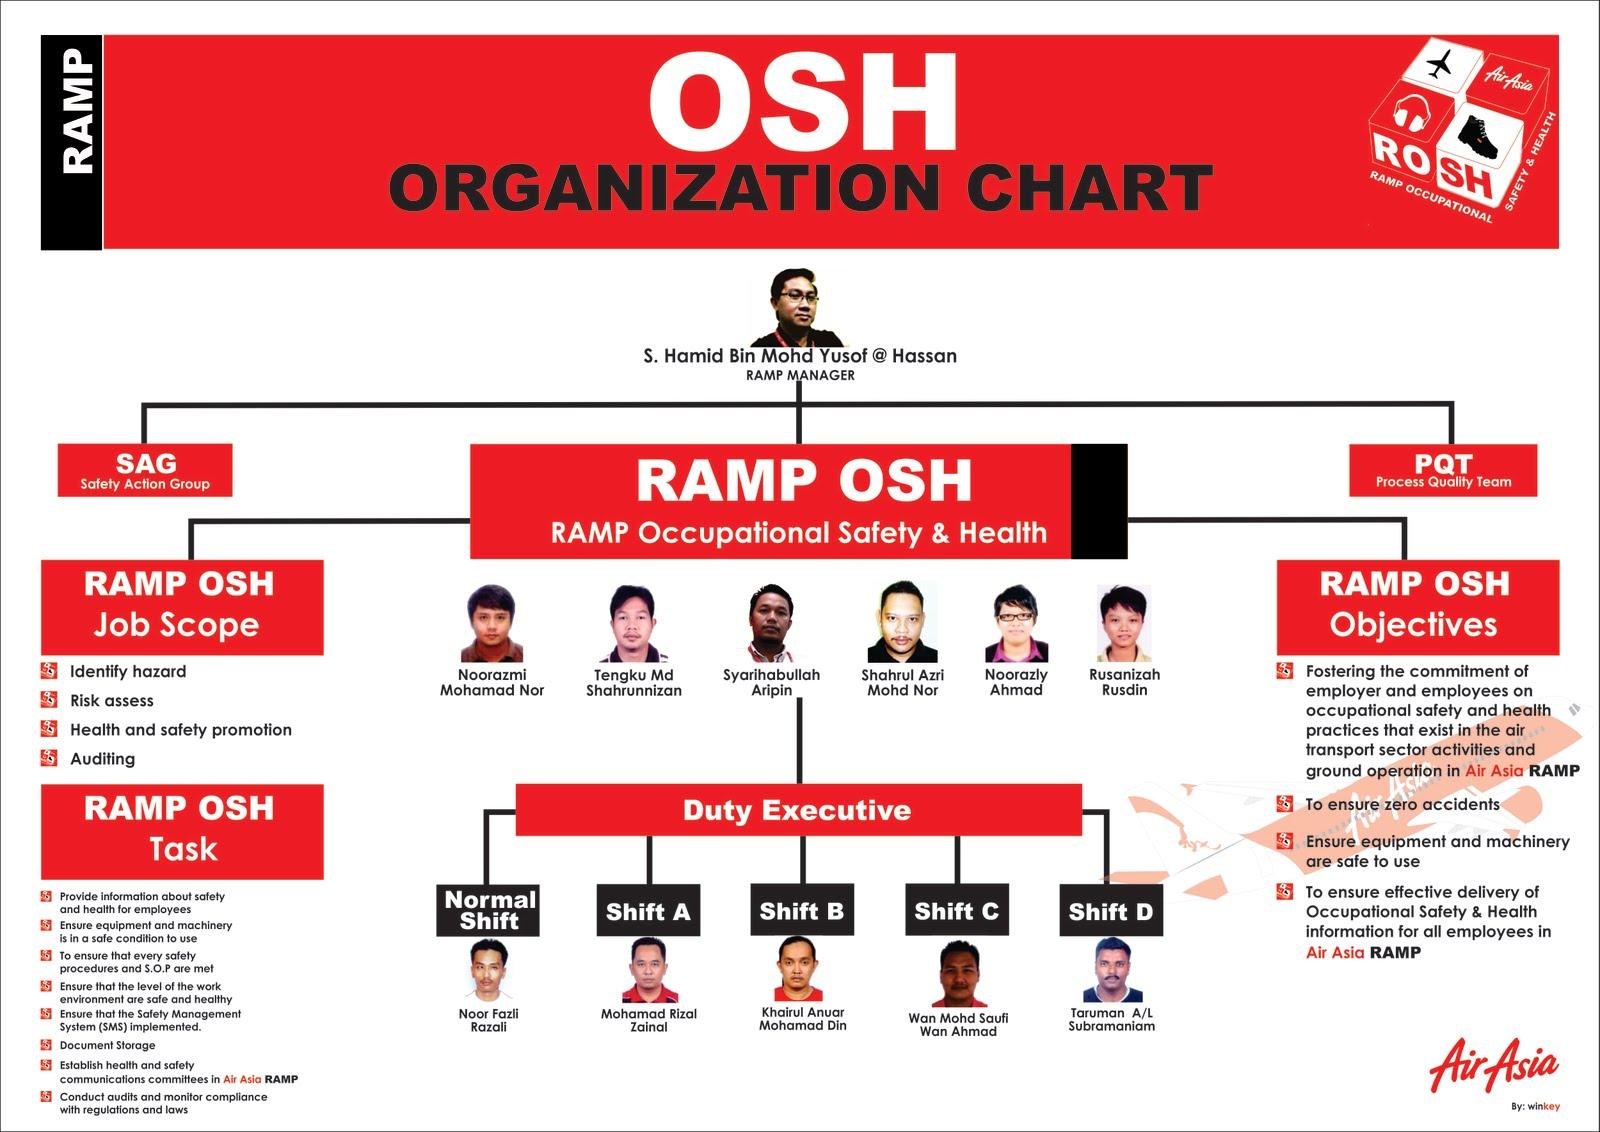 Osh organization chart